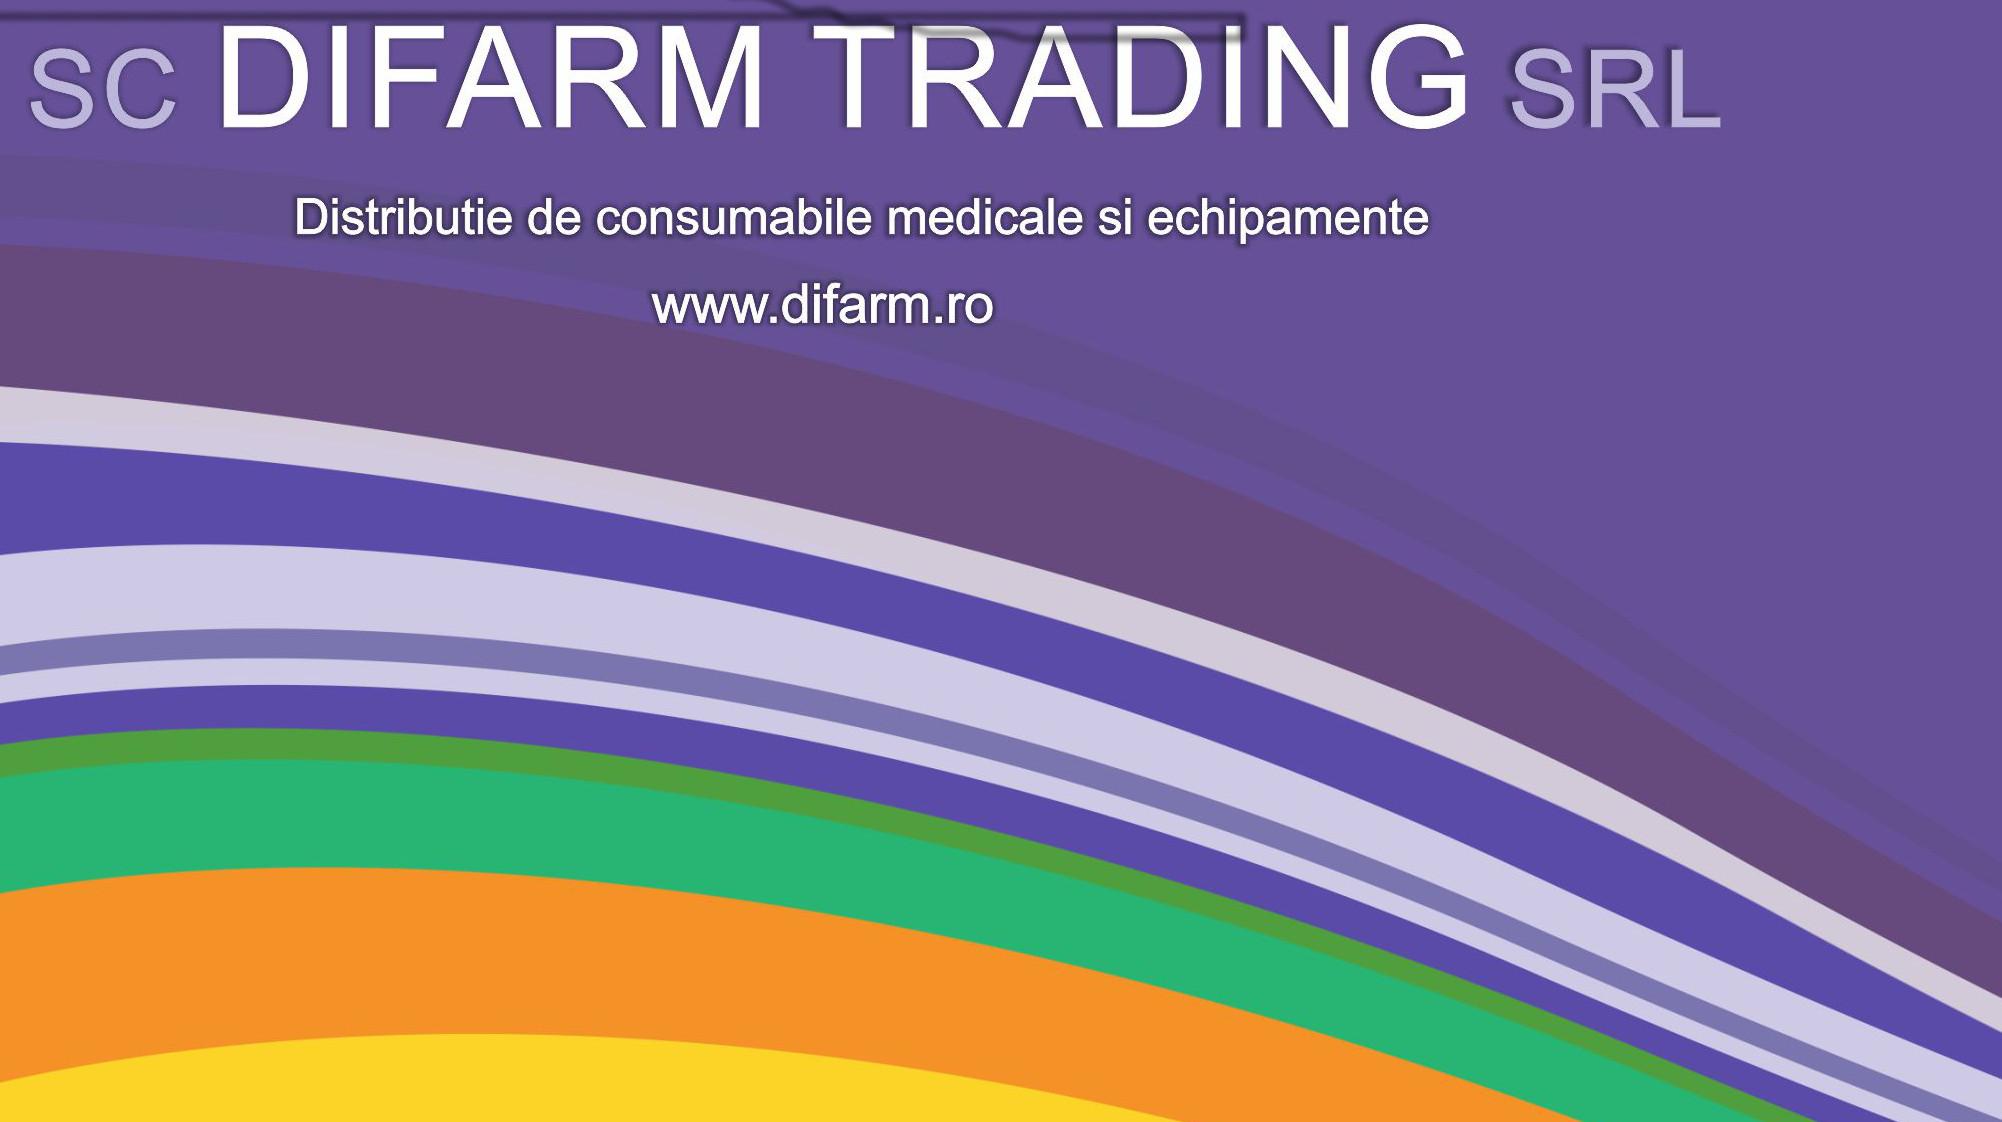 Difarm trading